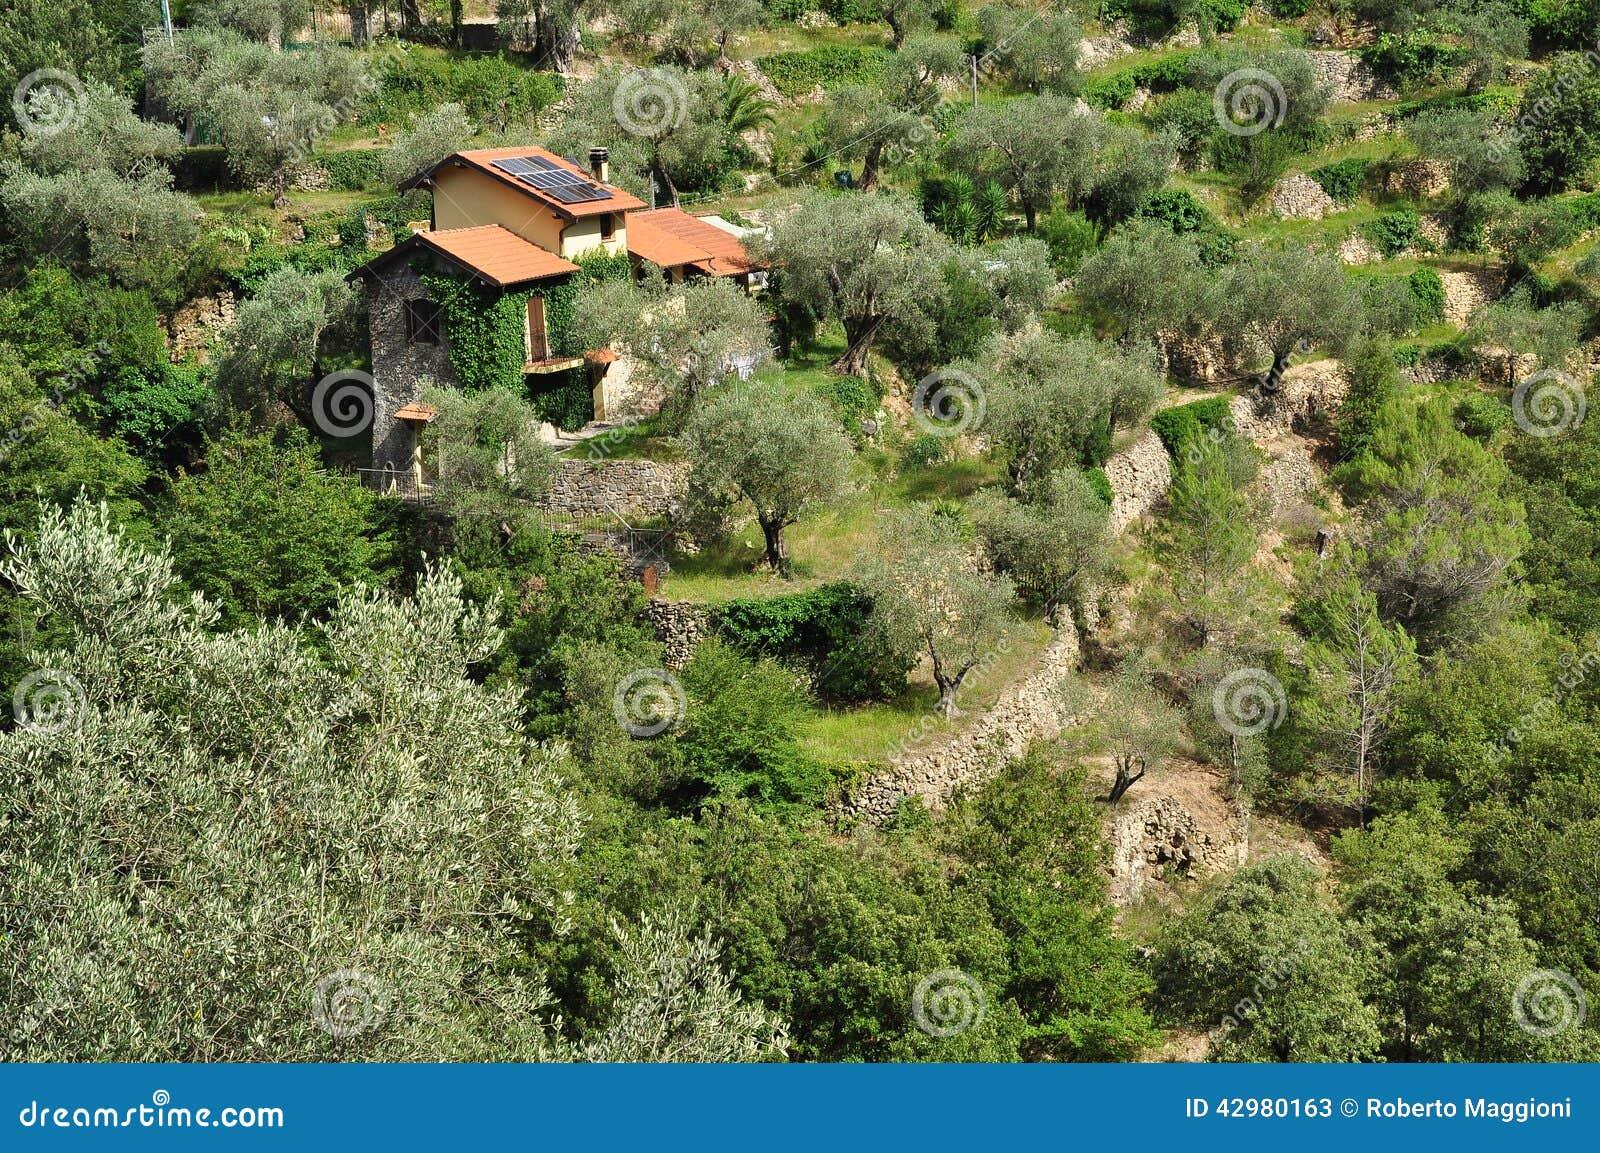 Boschetto a terrazze di olivo in liguria italia for Acquisto piante olivo